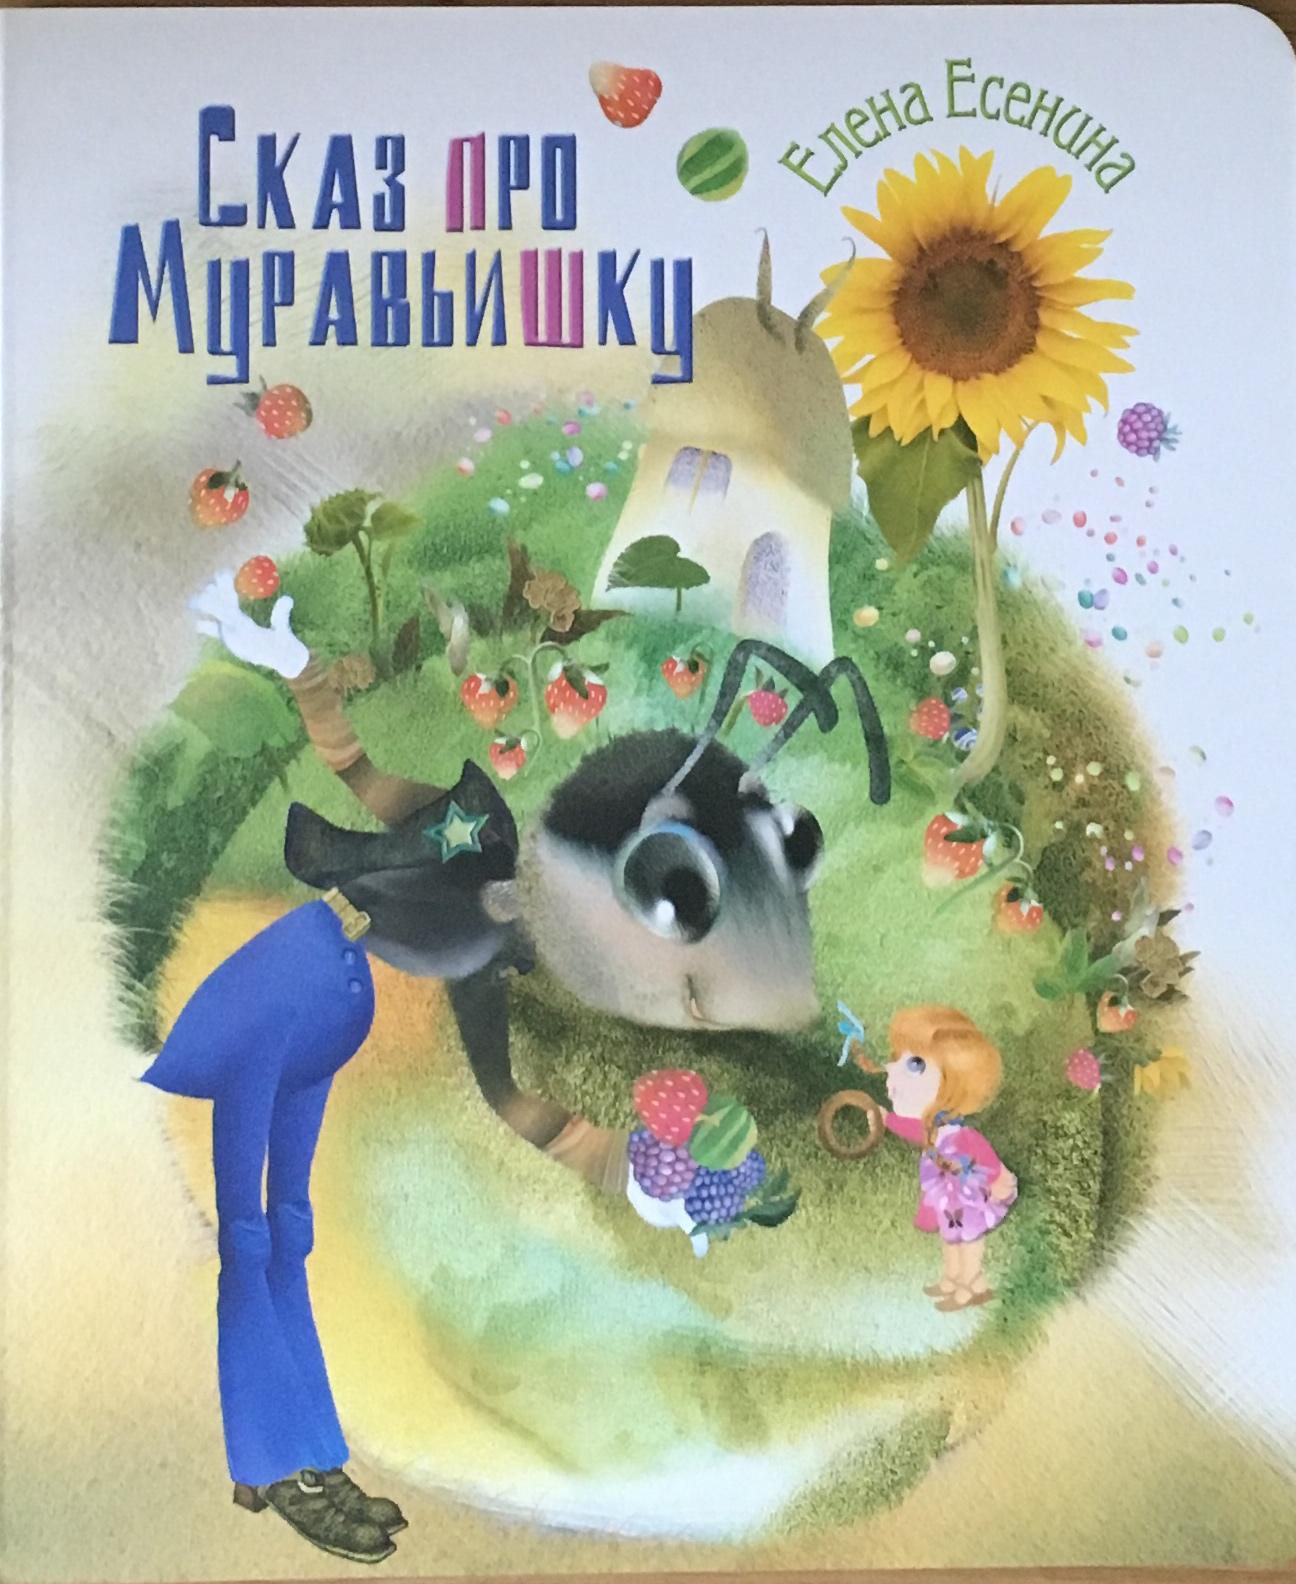 Сказ про Муравьишку Book Cover